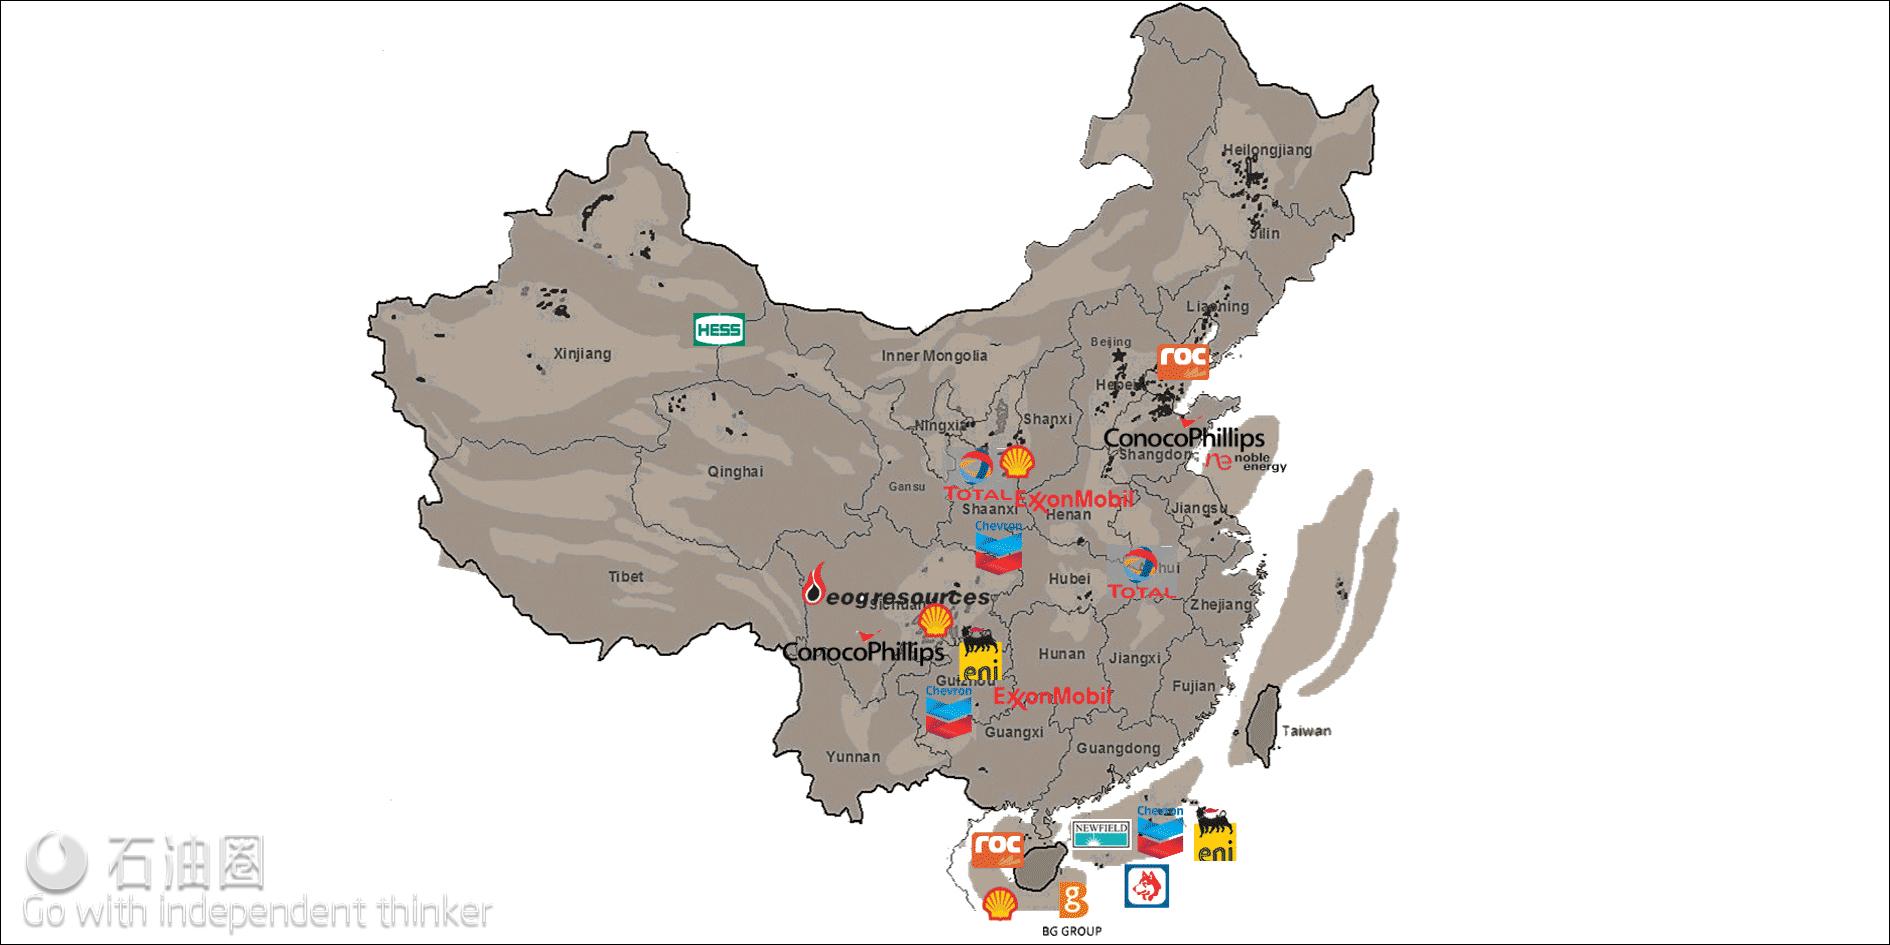 国际石油公司在中国油气业务分布情况